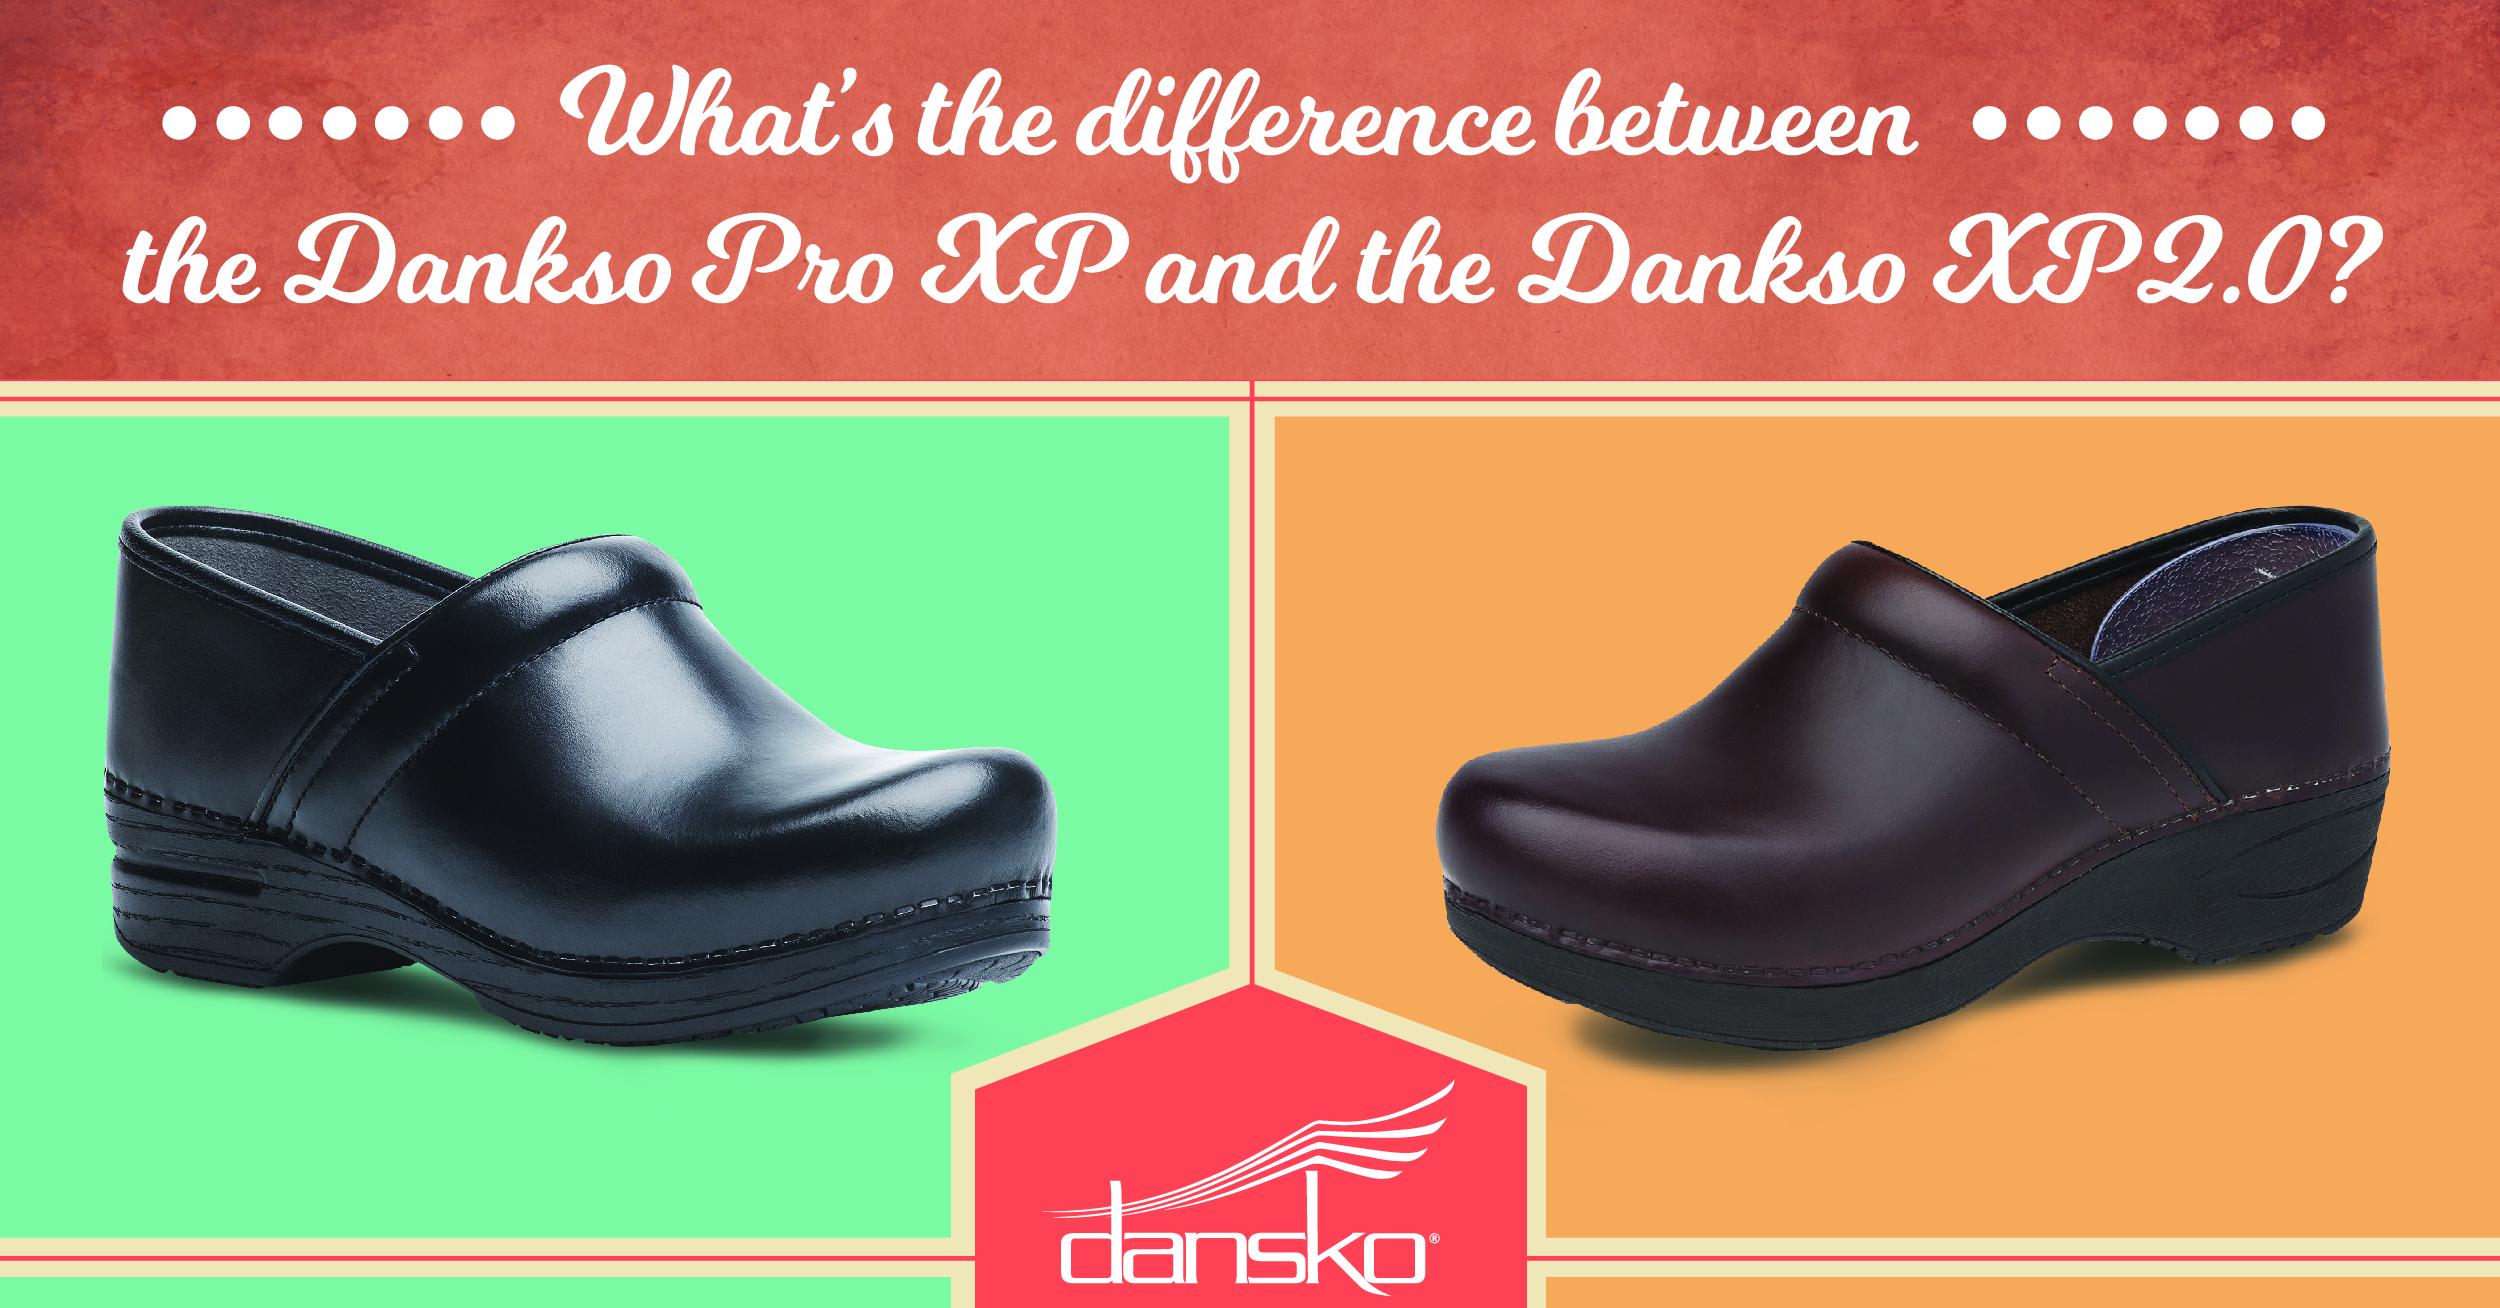 the Dansko Pro XP and the Dansko XP 2.0